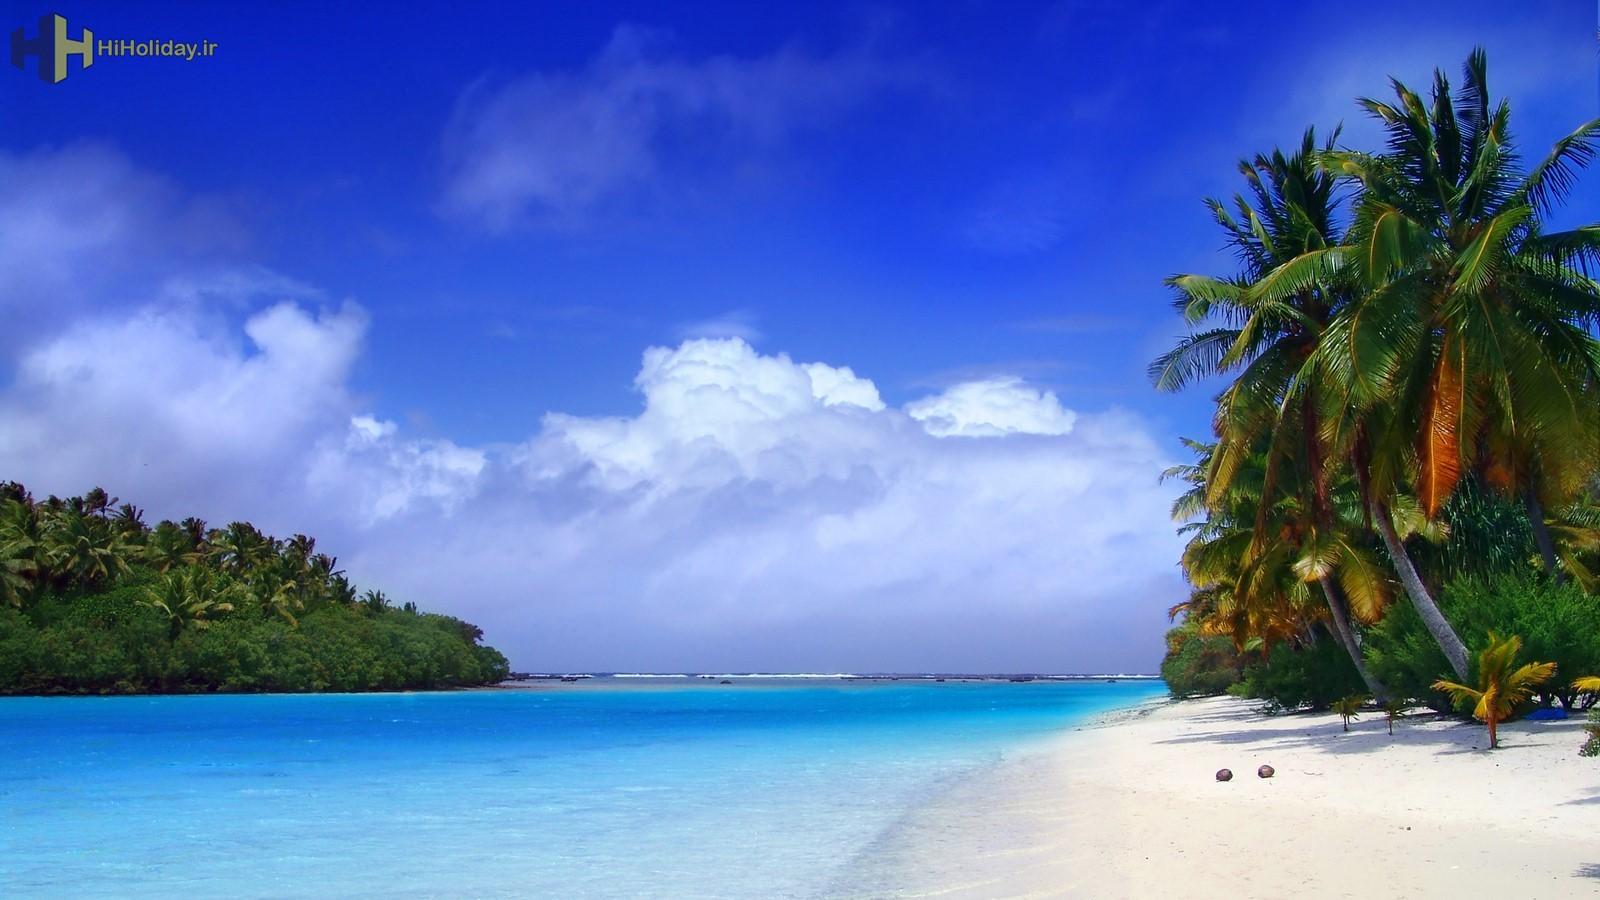 تور بالی ویژه نوروز 99